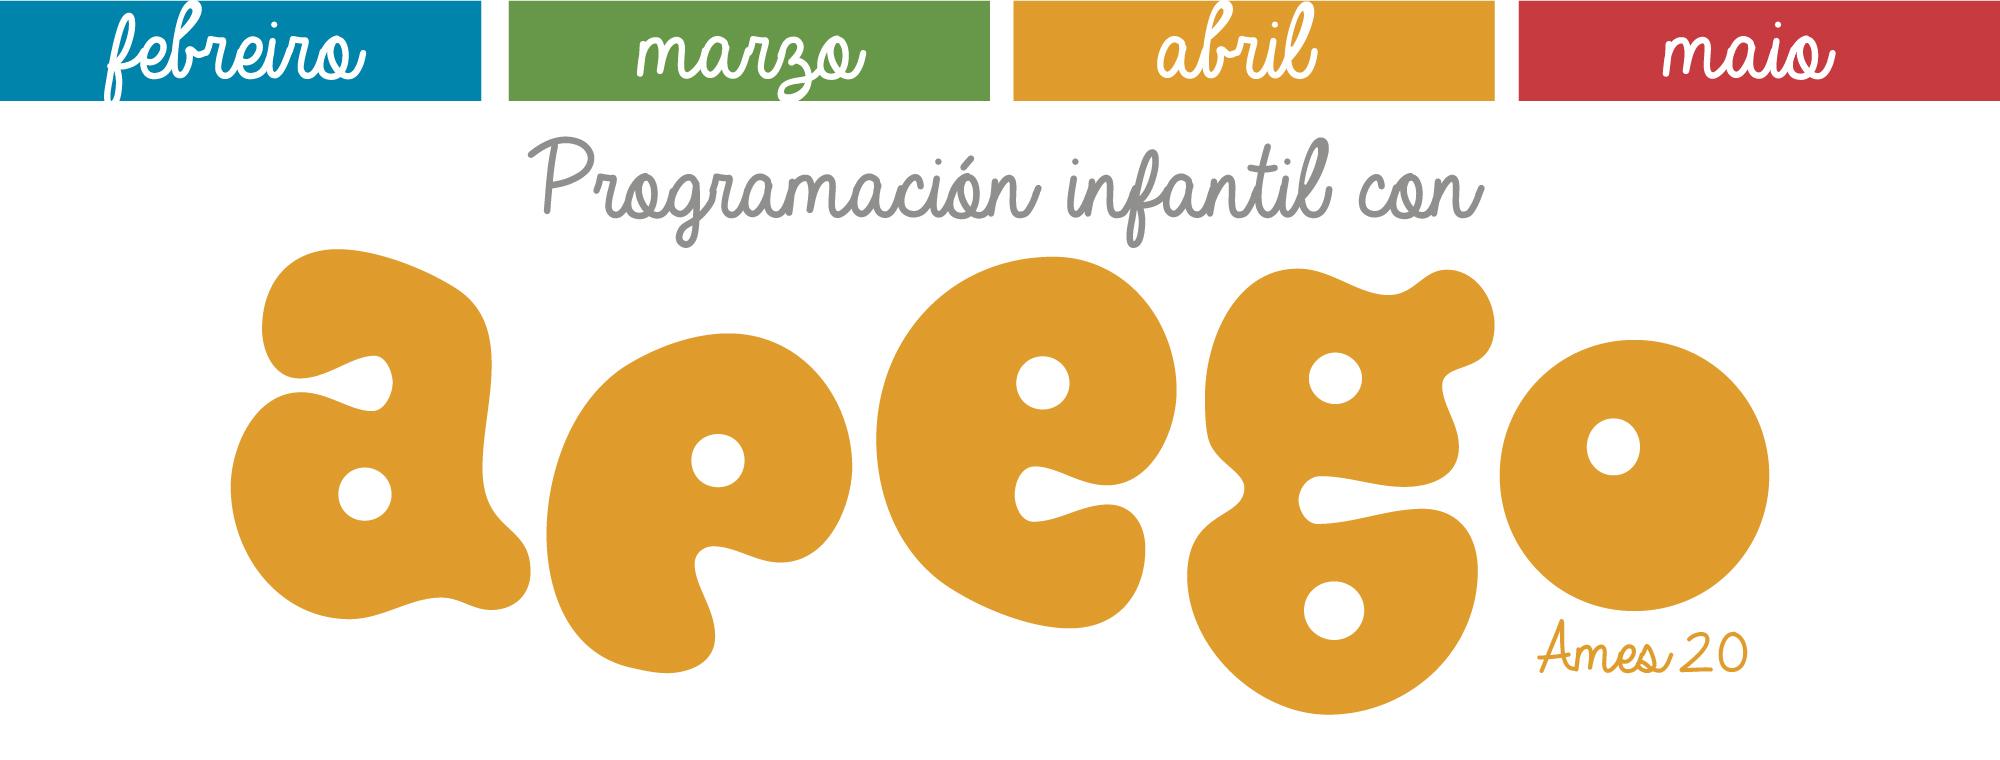 Programación infantil con Apego